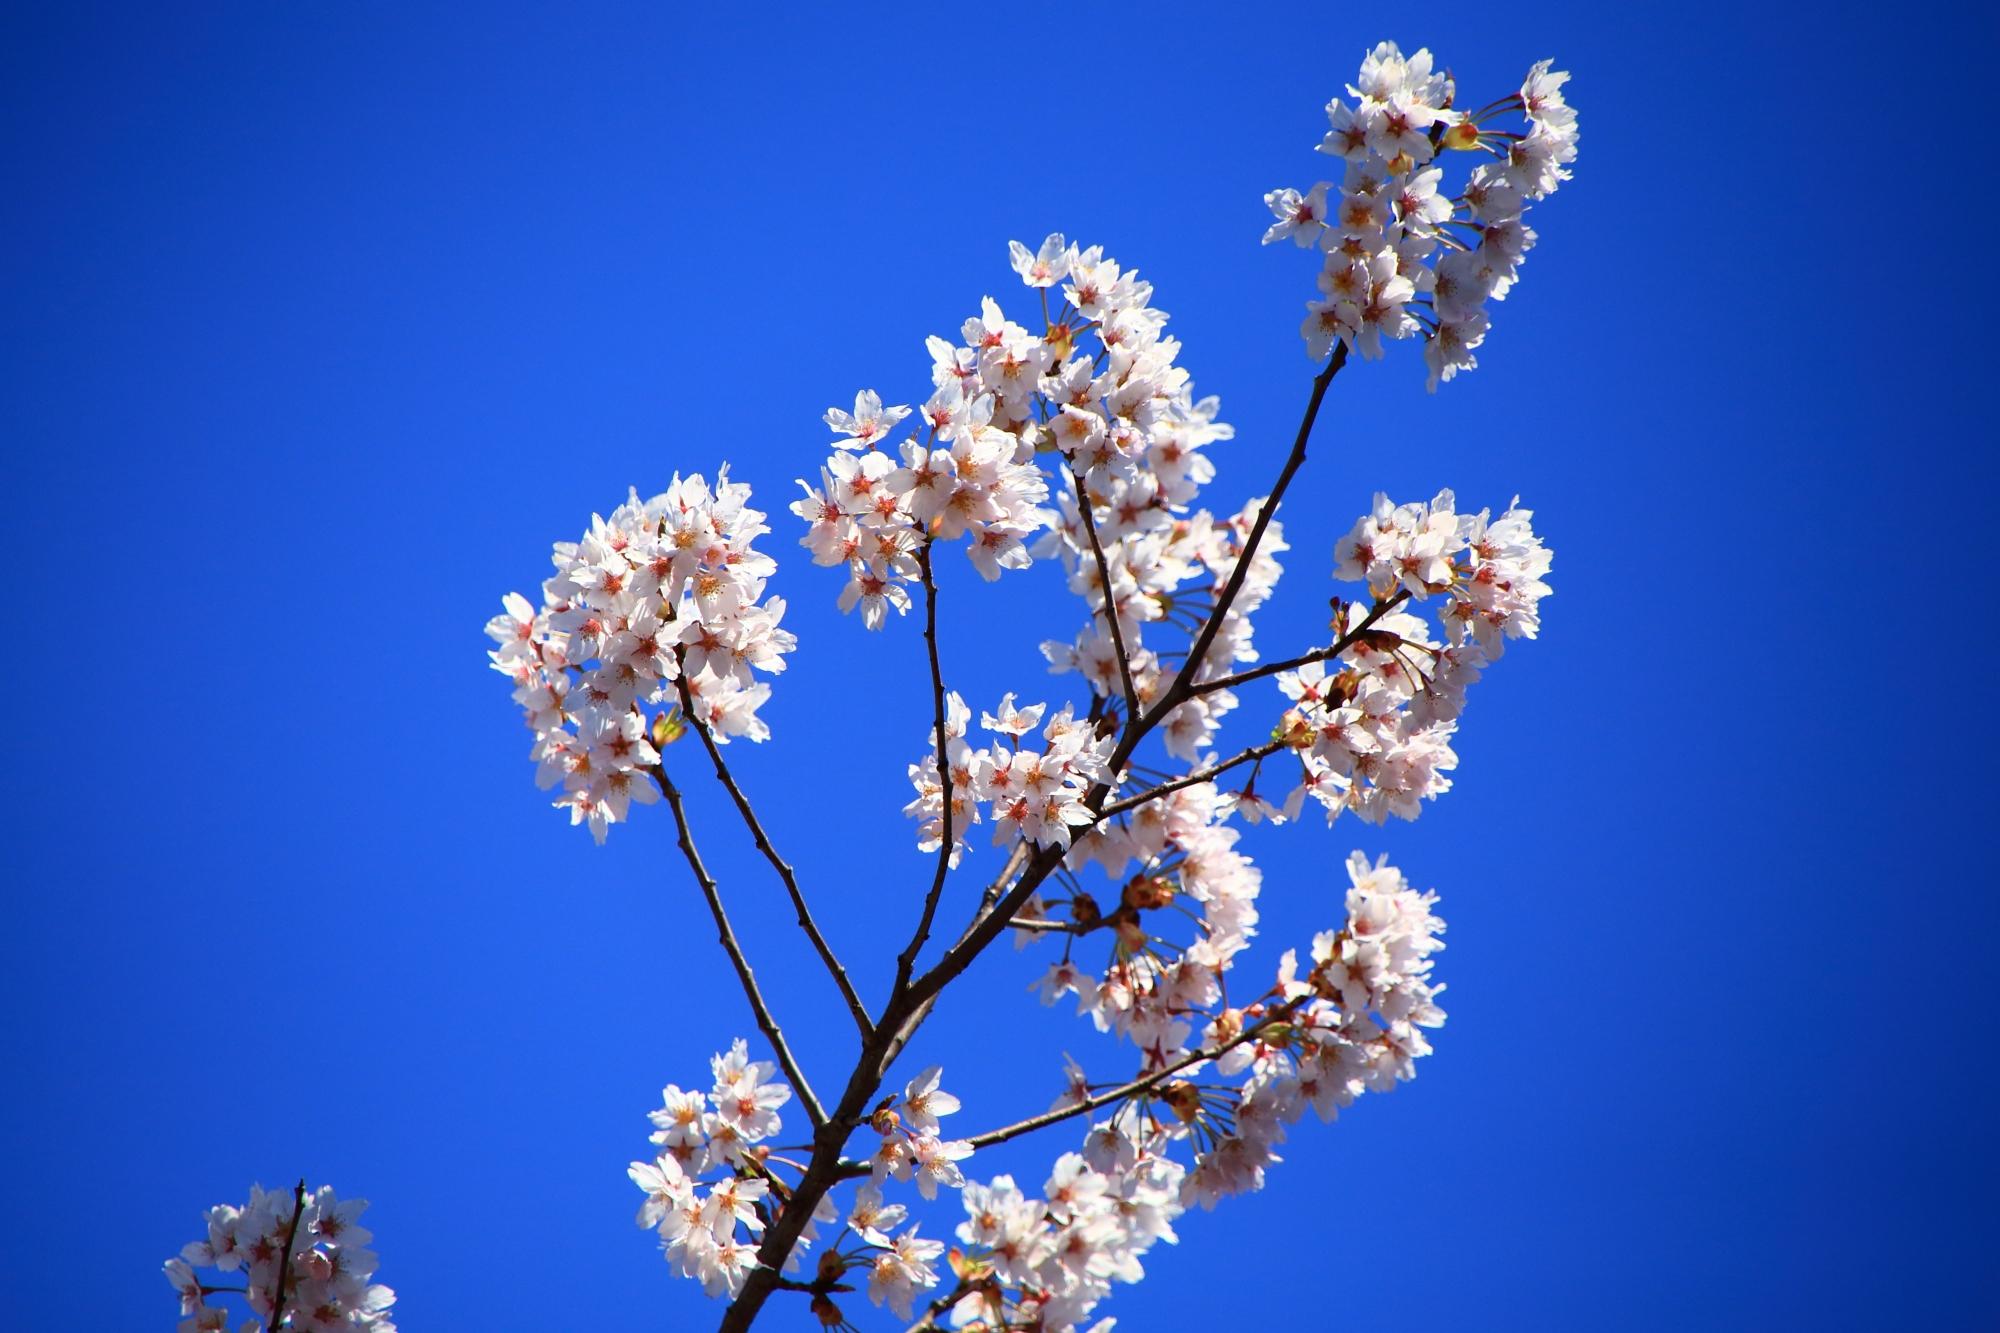 青空に映える白い花を咲かせる早咲きの桜